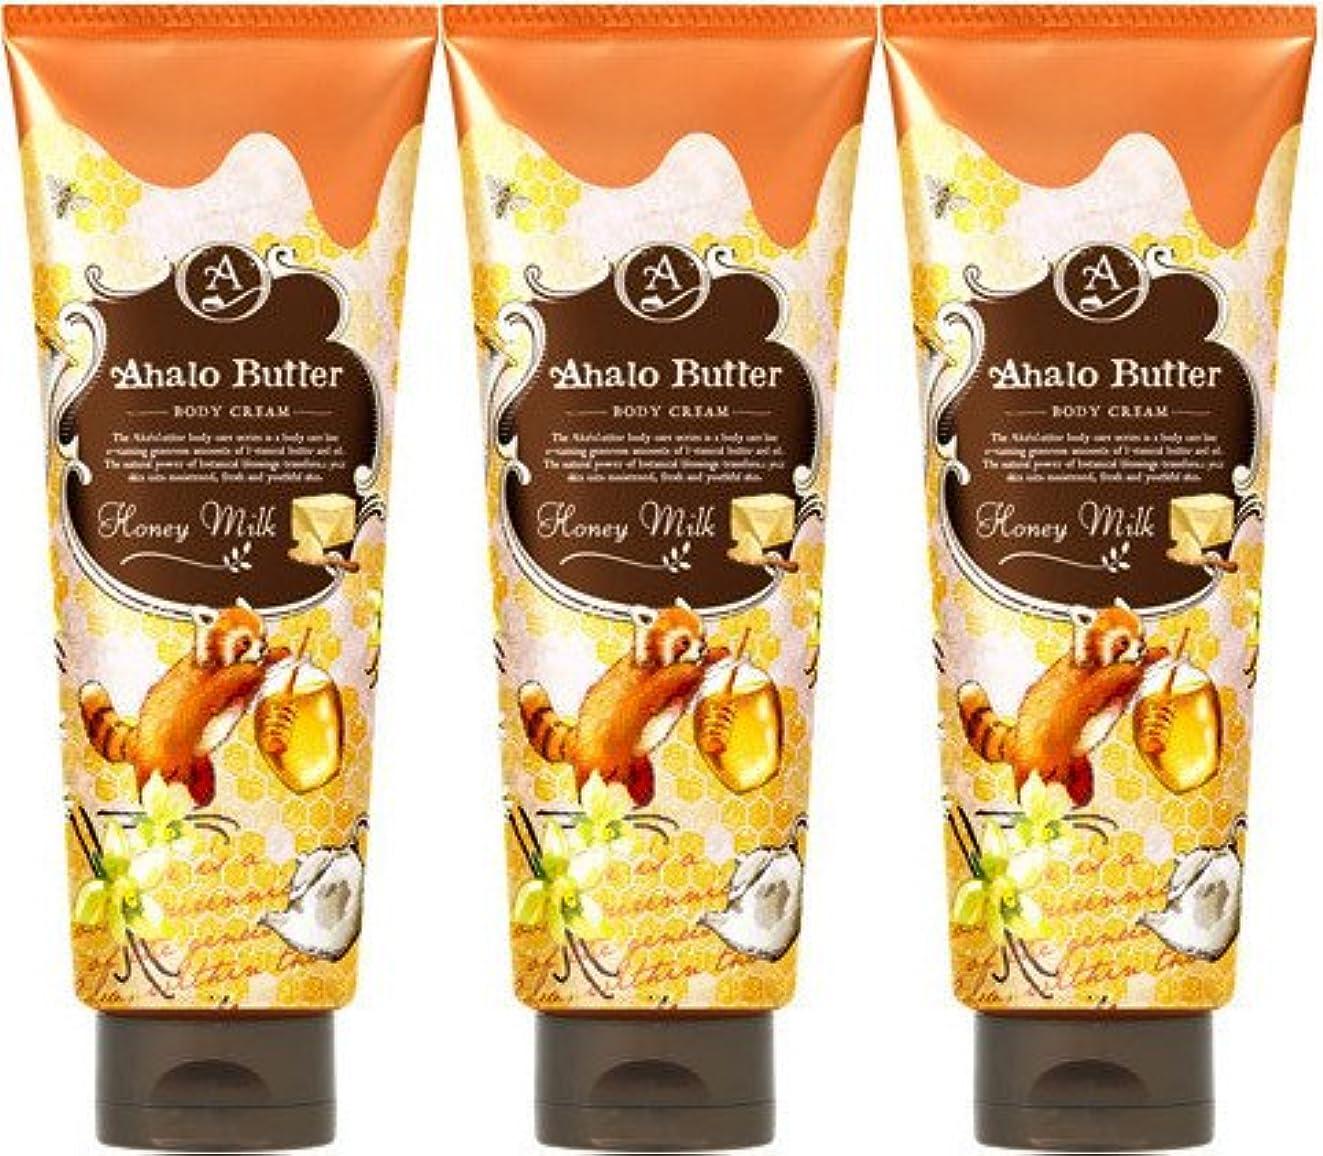 タフ体操うがい薬【3個セット】Ahalo butter(アハロバター) ボディクリーム ハニーミルク 150g